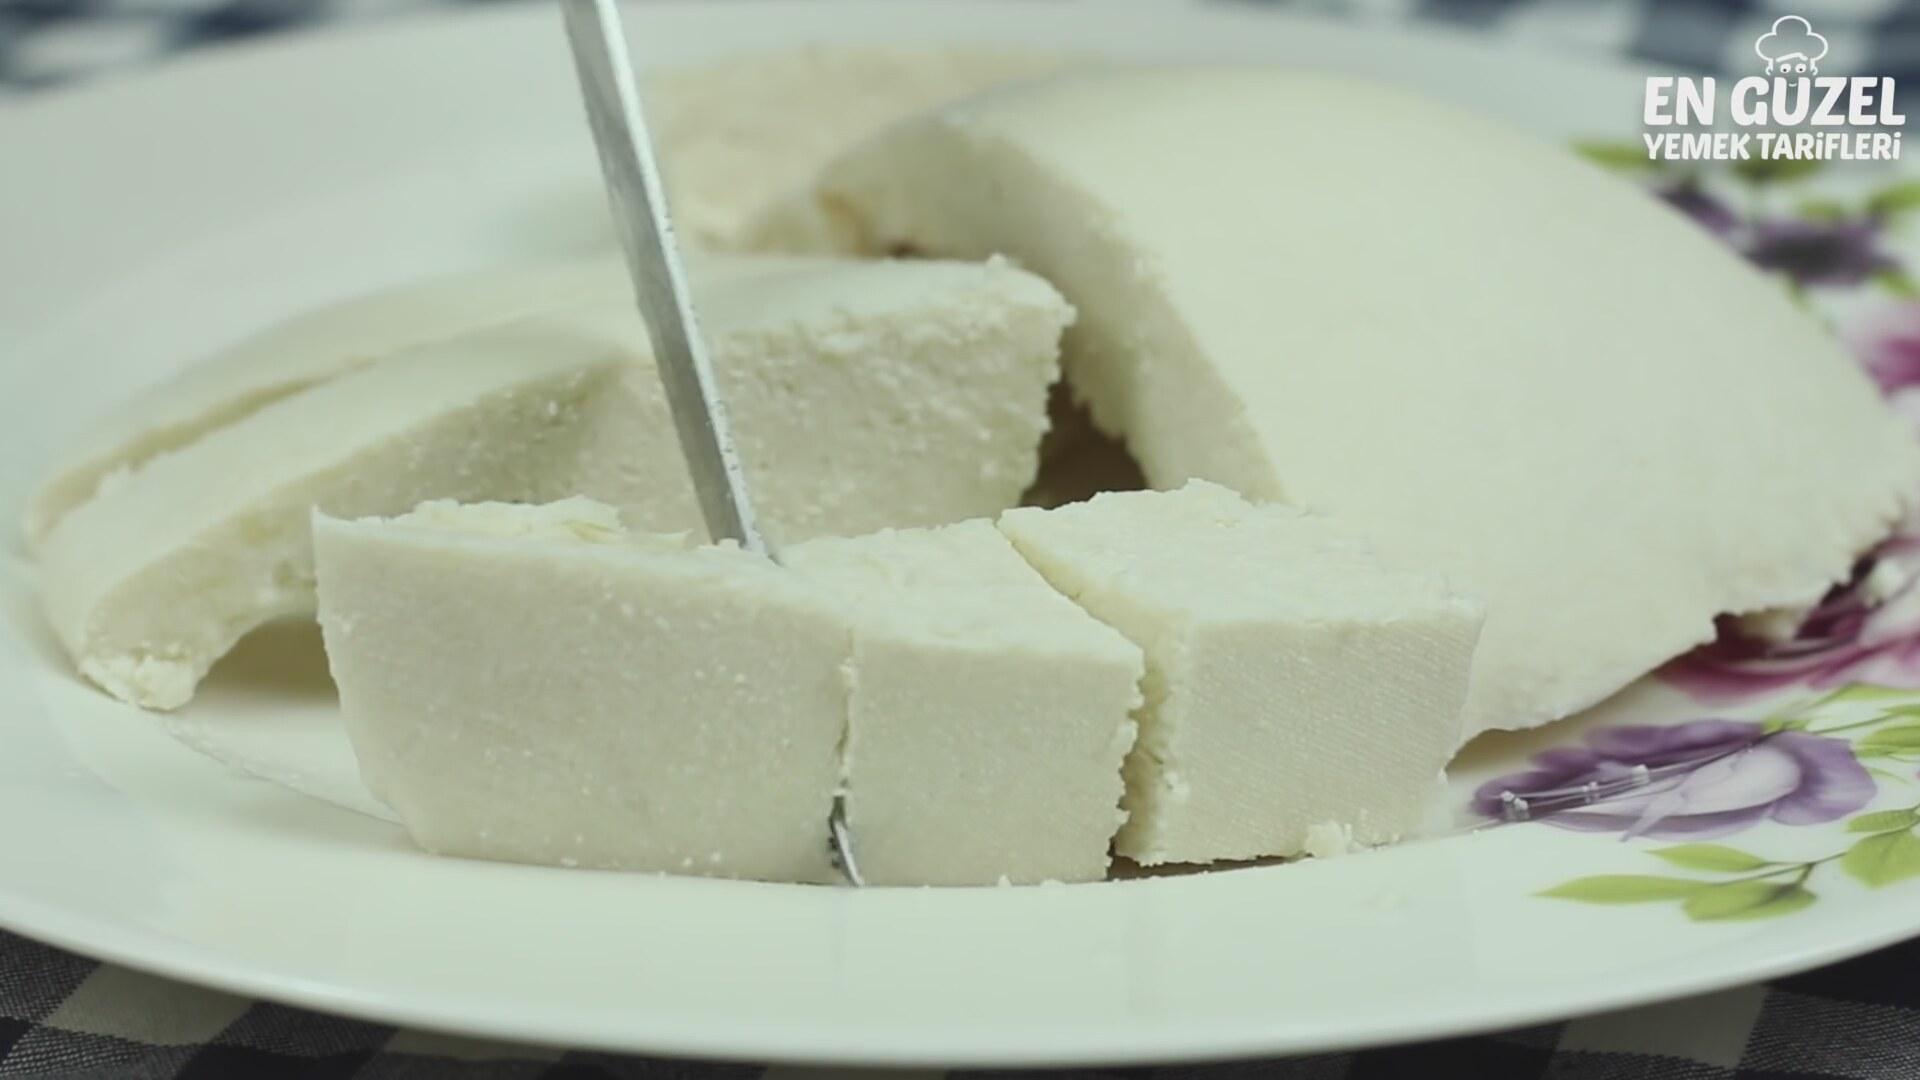 Fırında pişen kavunlar: lezzetli atıştırmalıklar ve doyurucu ikinci kurslar 75